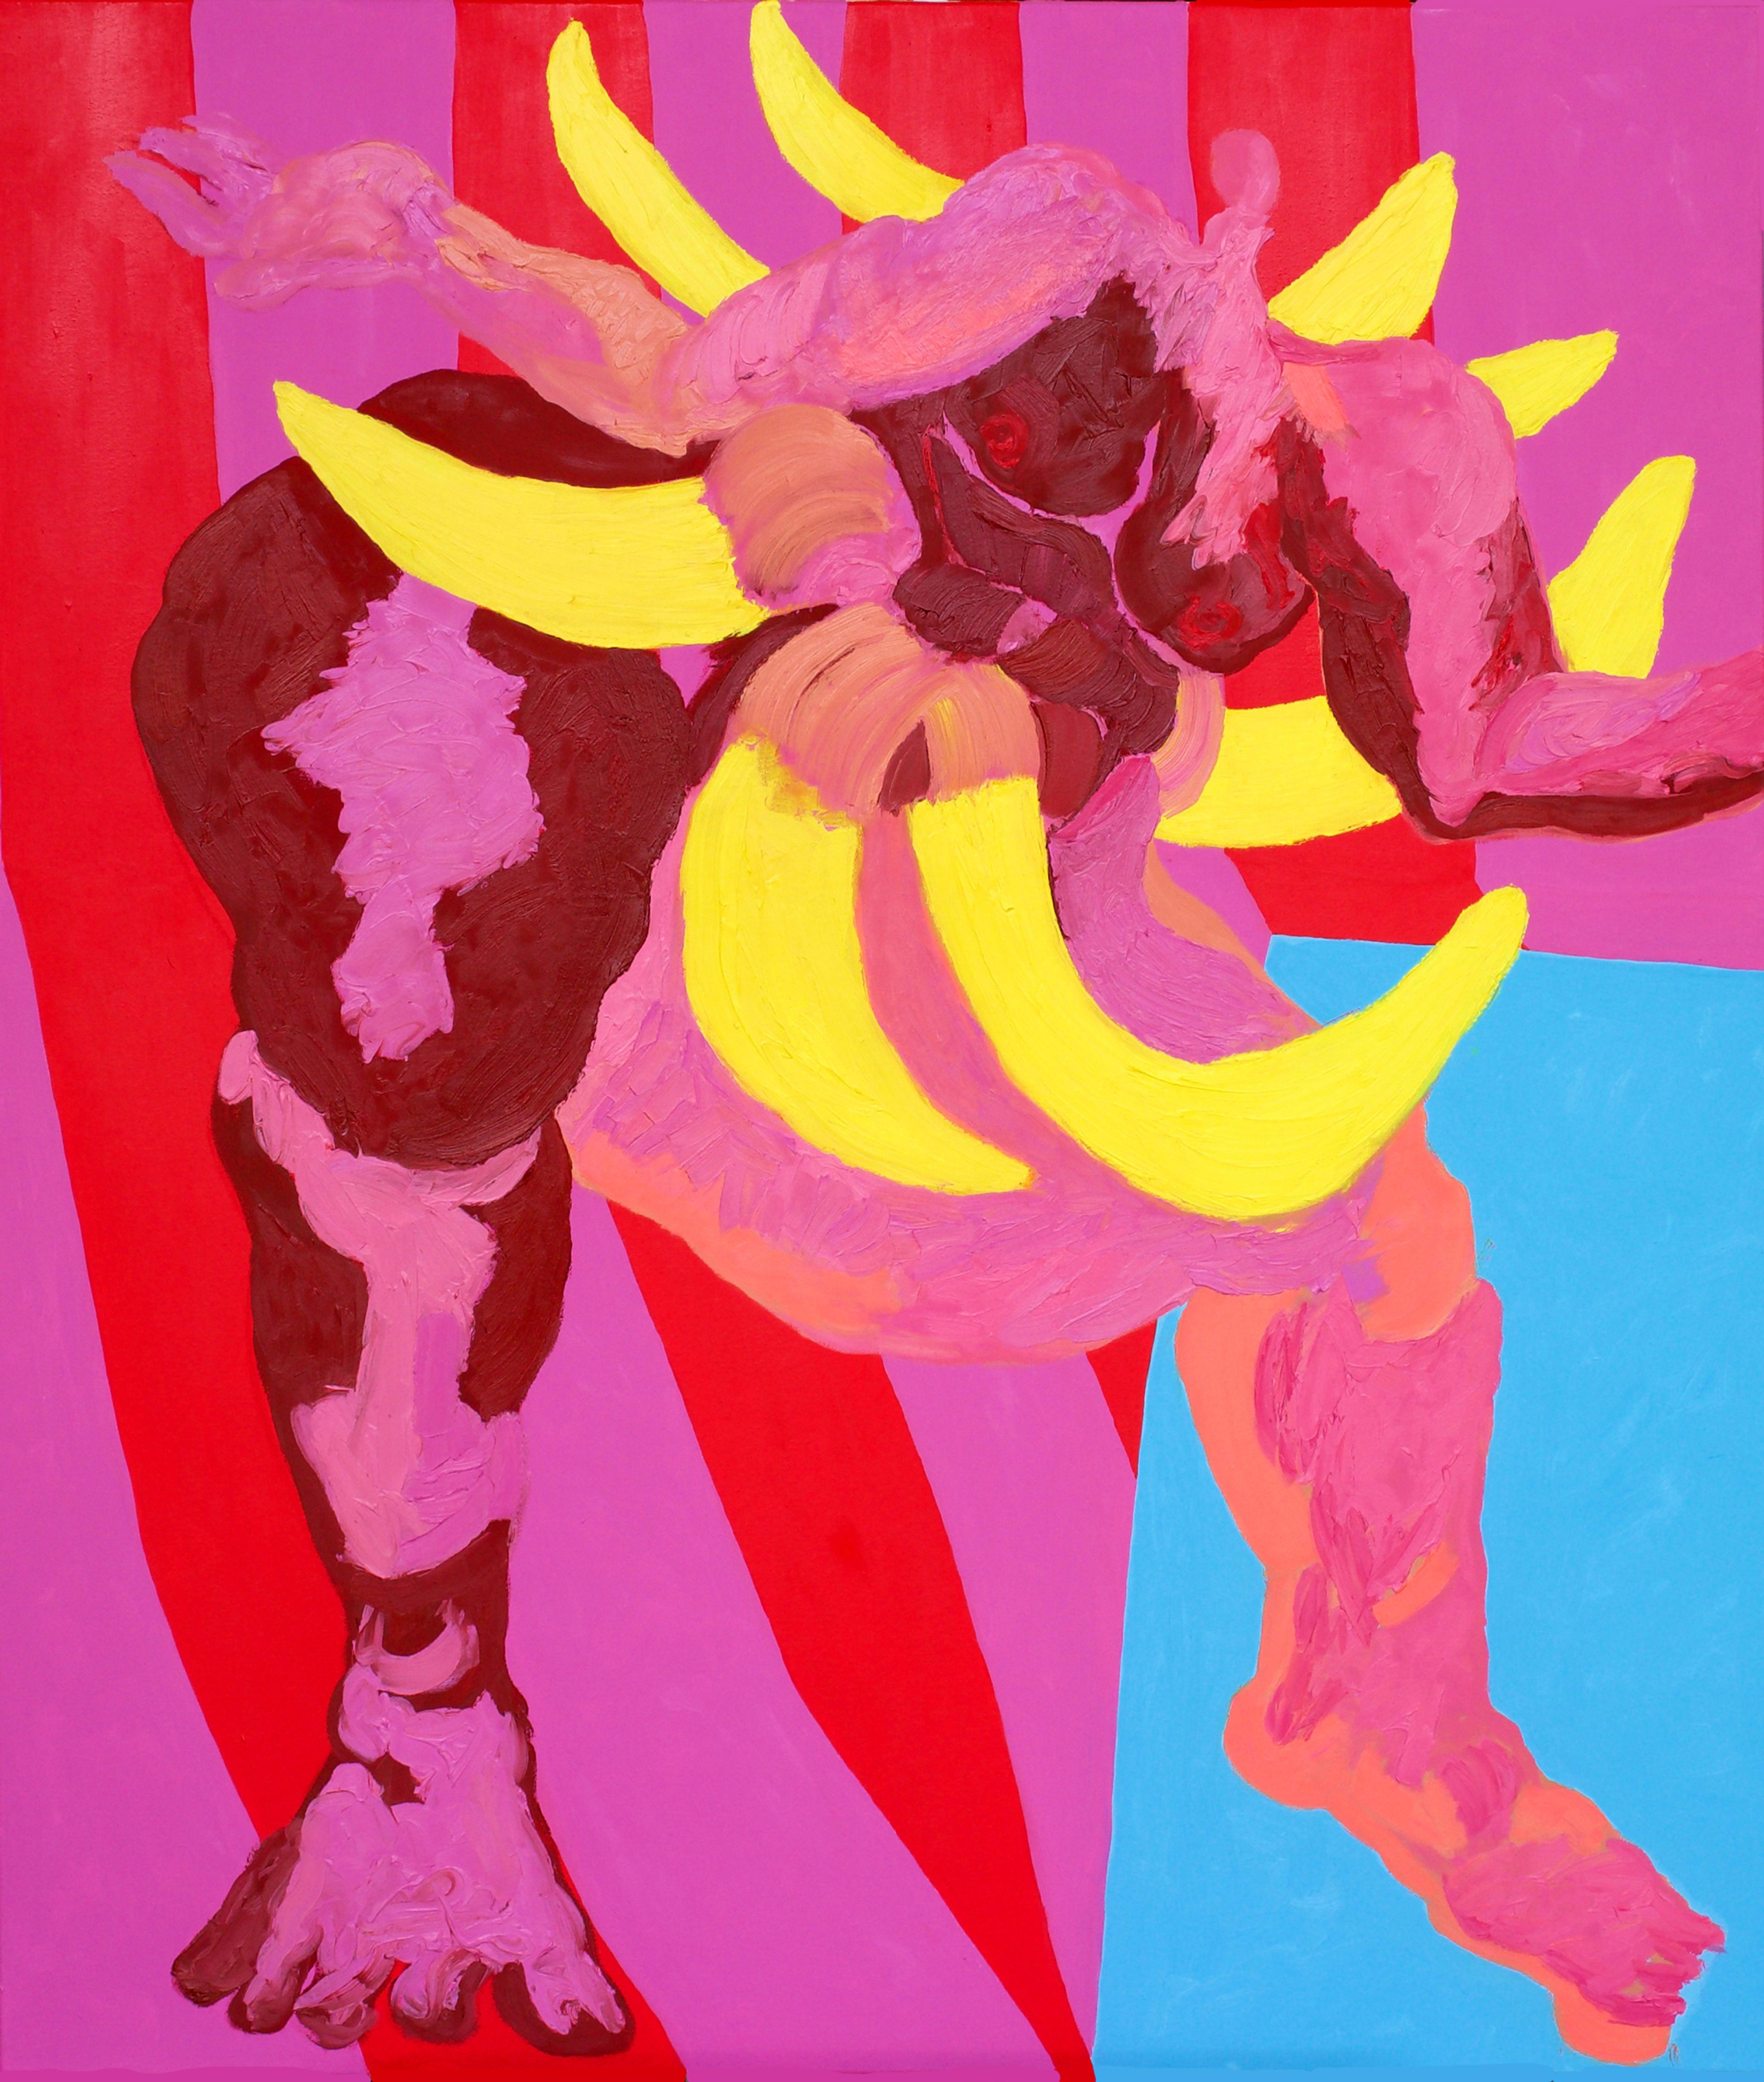 artwork Jazz by Anna Huxel